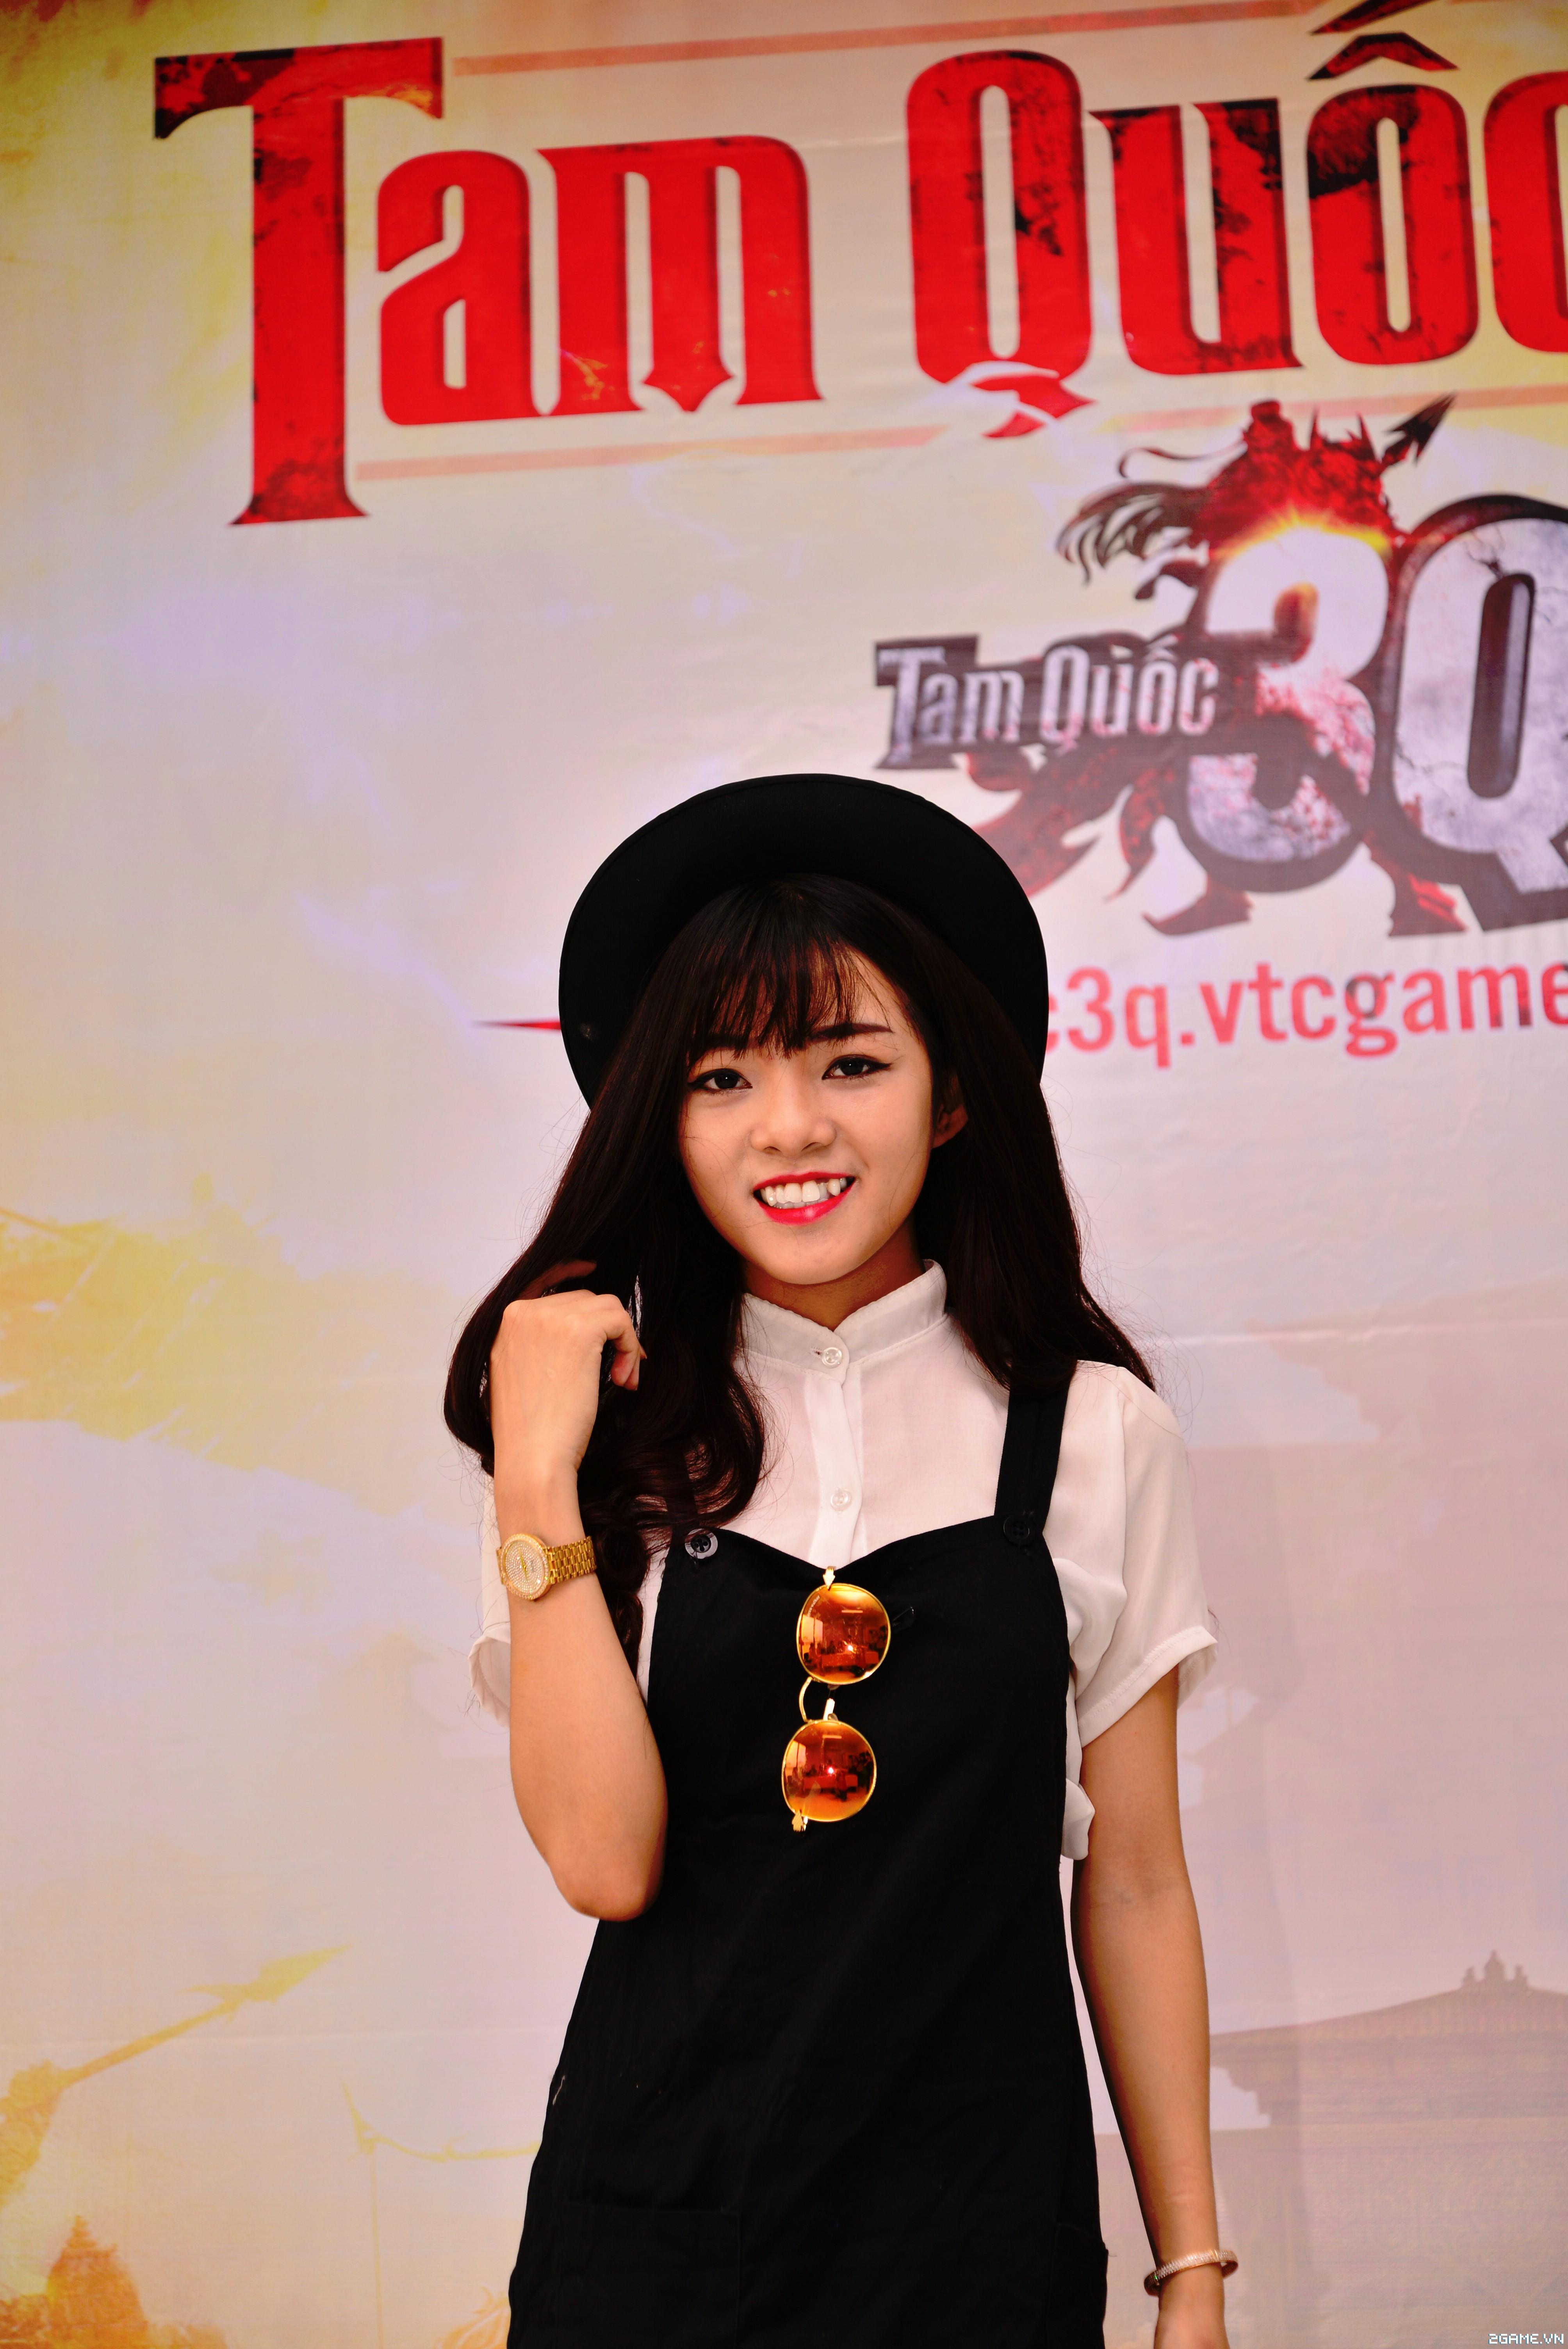 Tam Quốc 3Q - Chiêm ngưỡng top 10 ứng cử viên đại sứ game 1